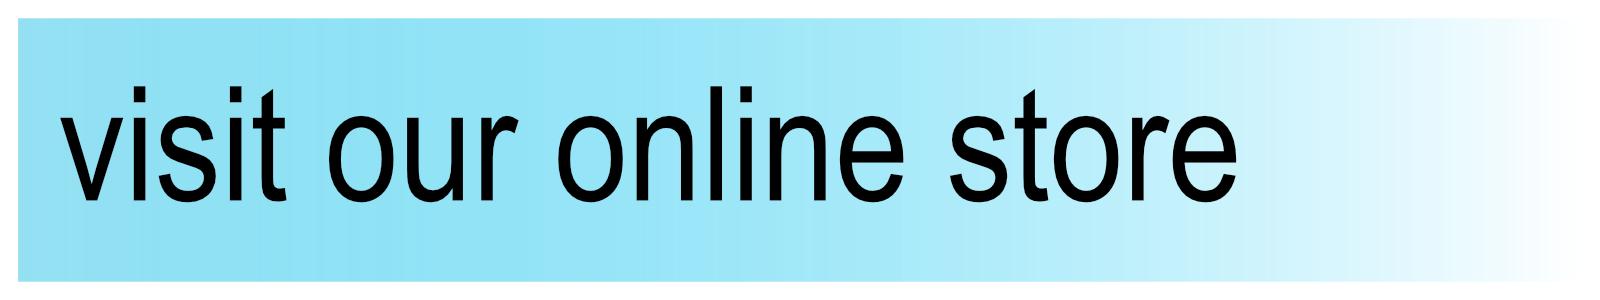 visit online